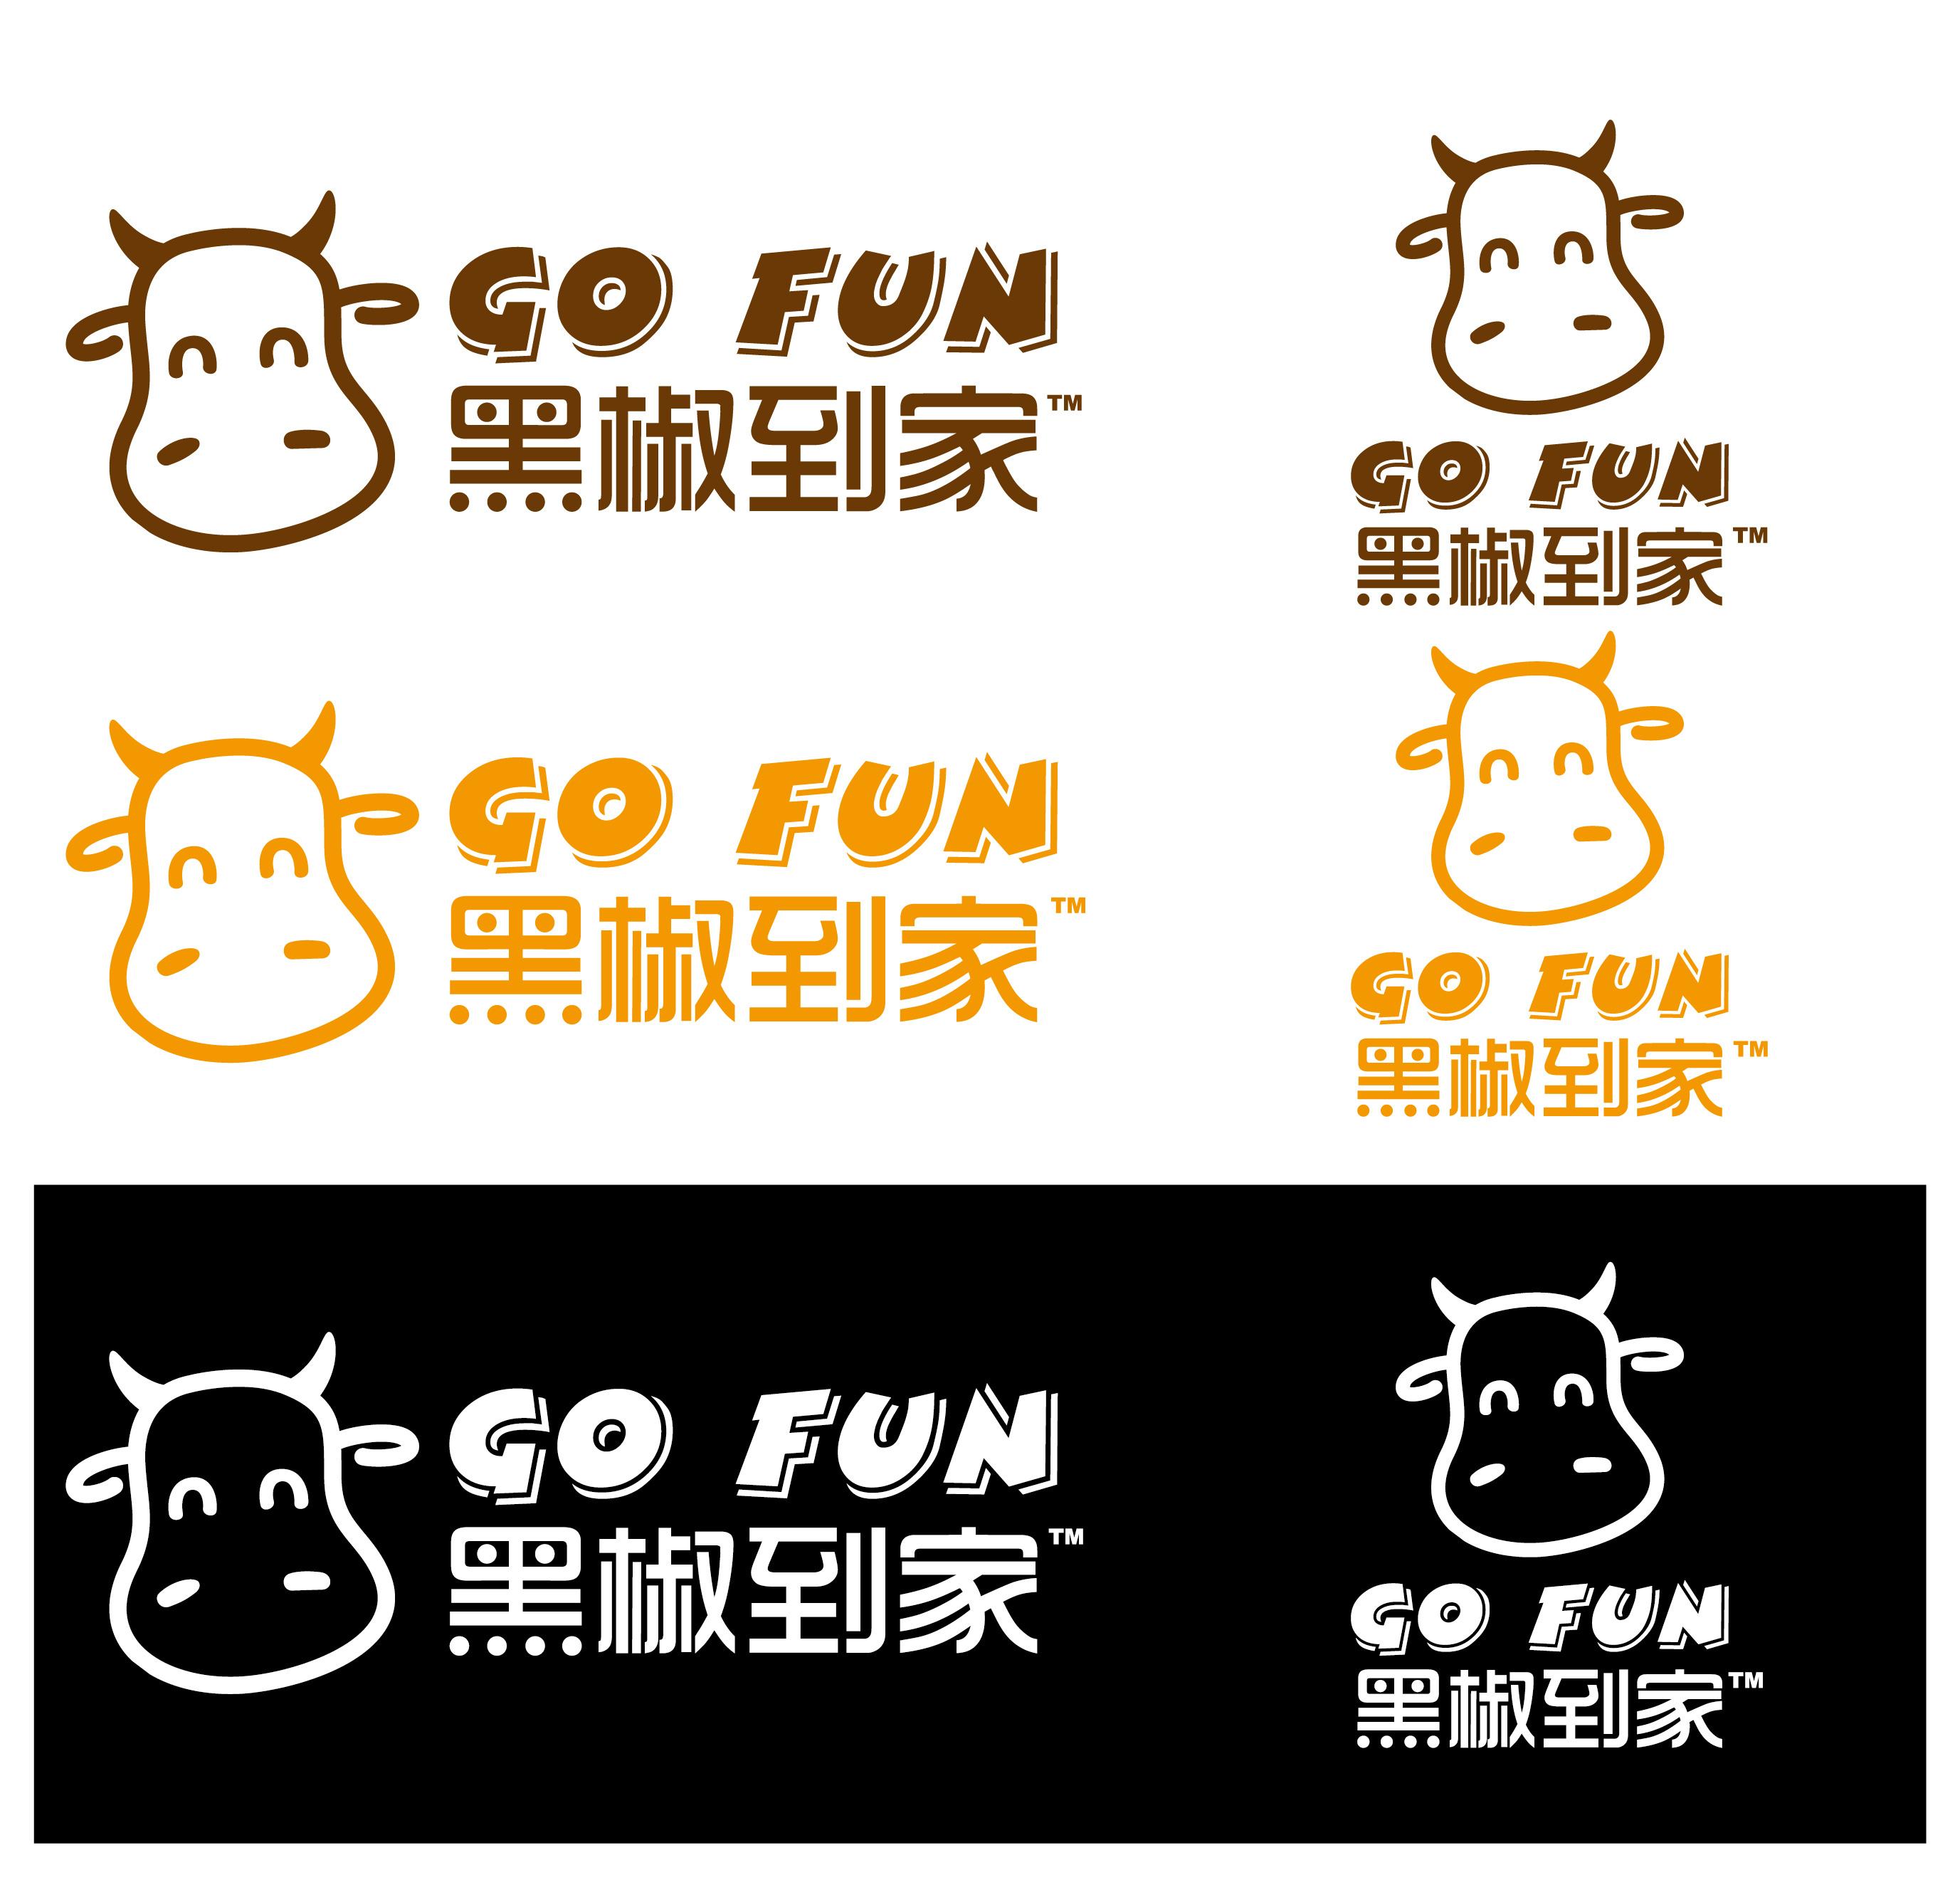 原创logo|平面|标志|韩欧文 - 原创作品 - 站酷图片